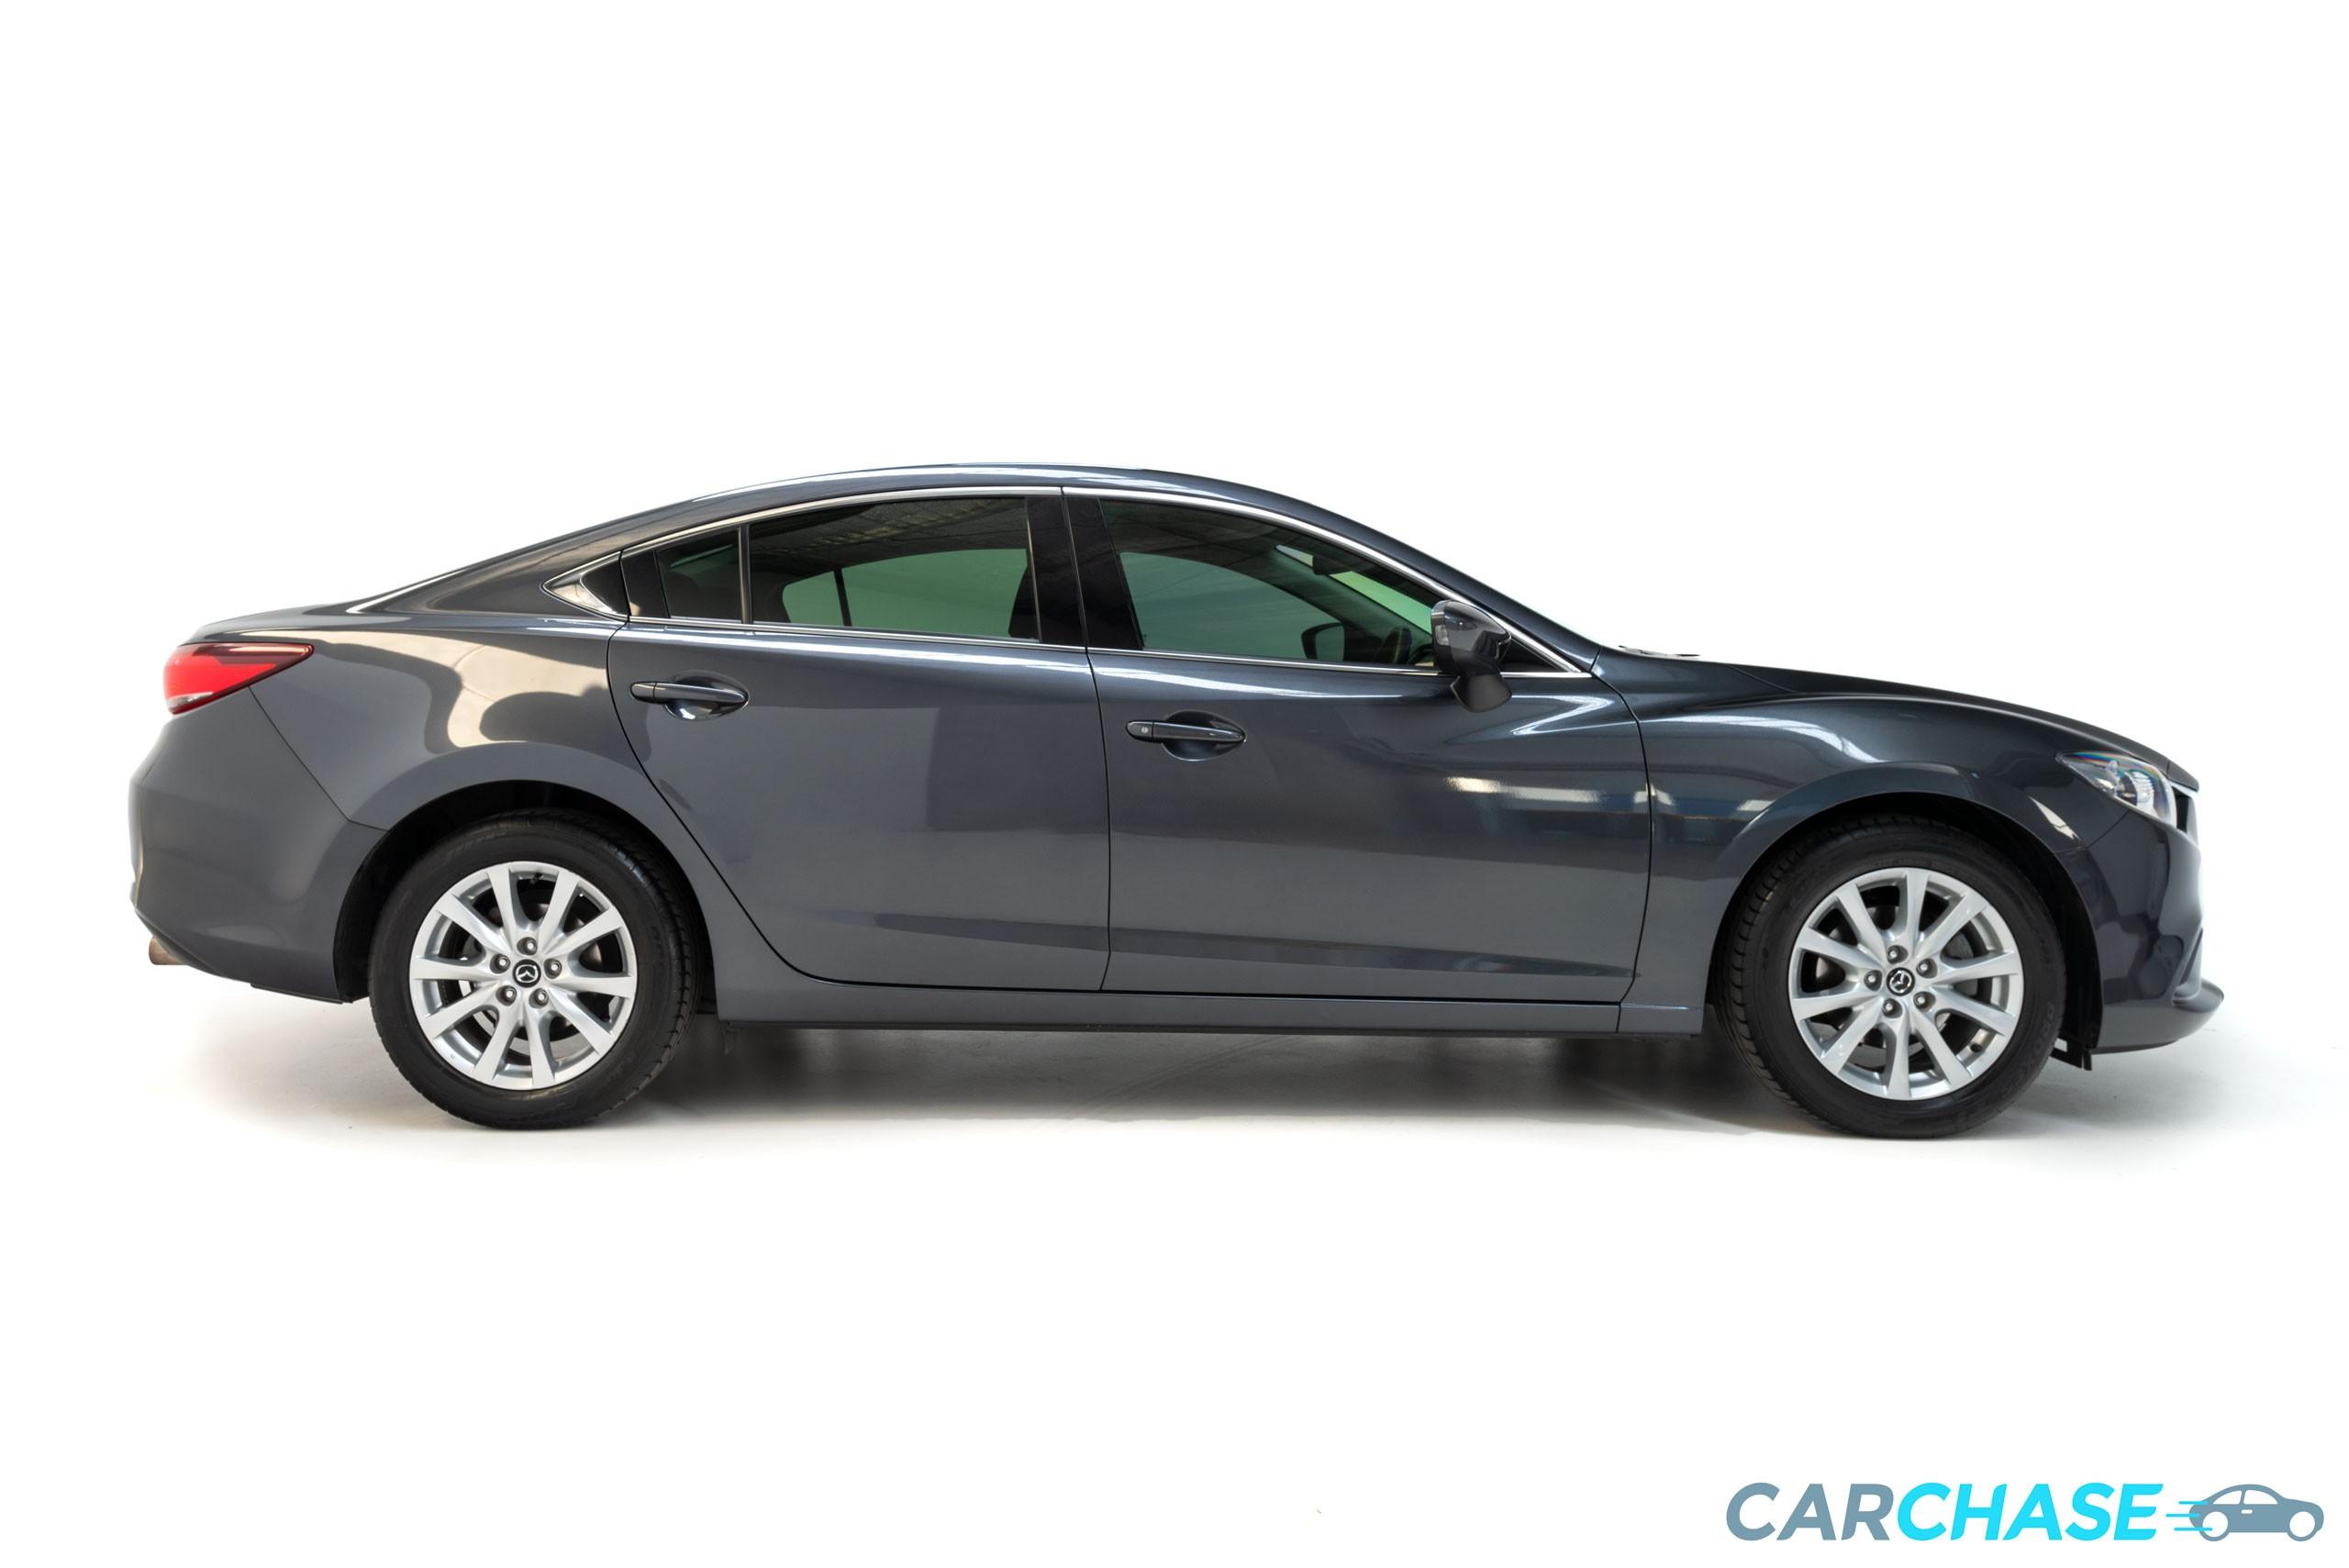 Image 1/10 of 2013 Mazda 6 GJ